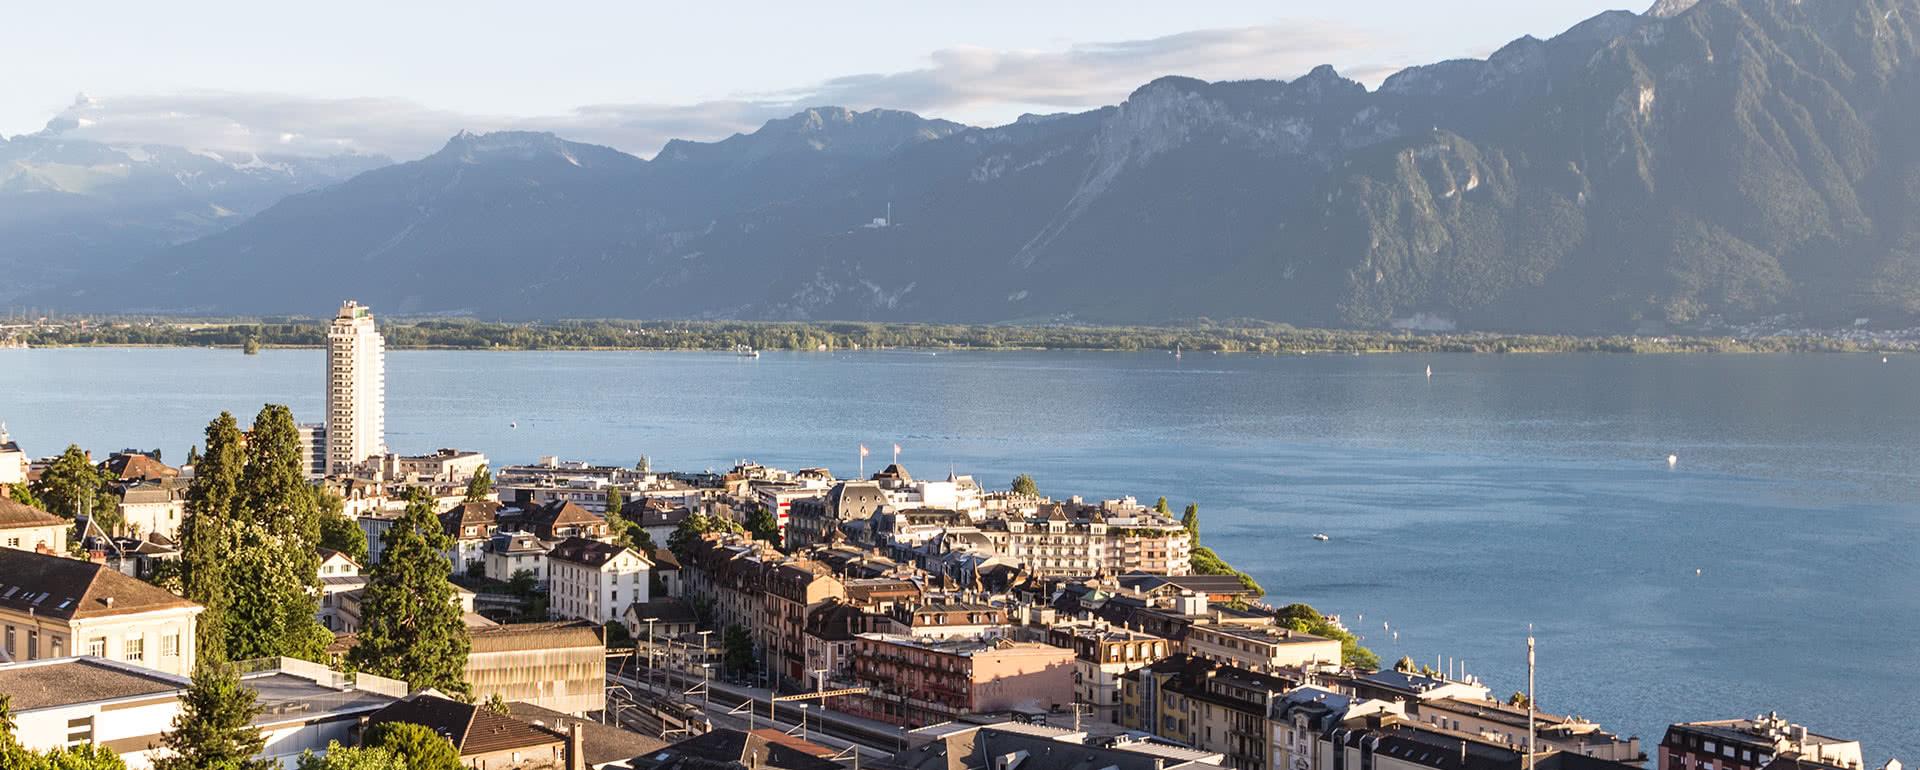 Titelbild von Montreux